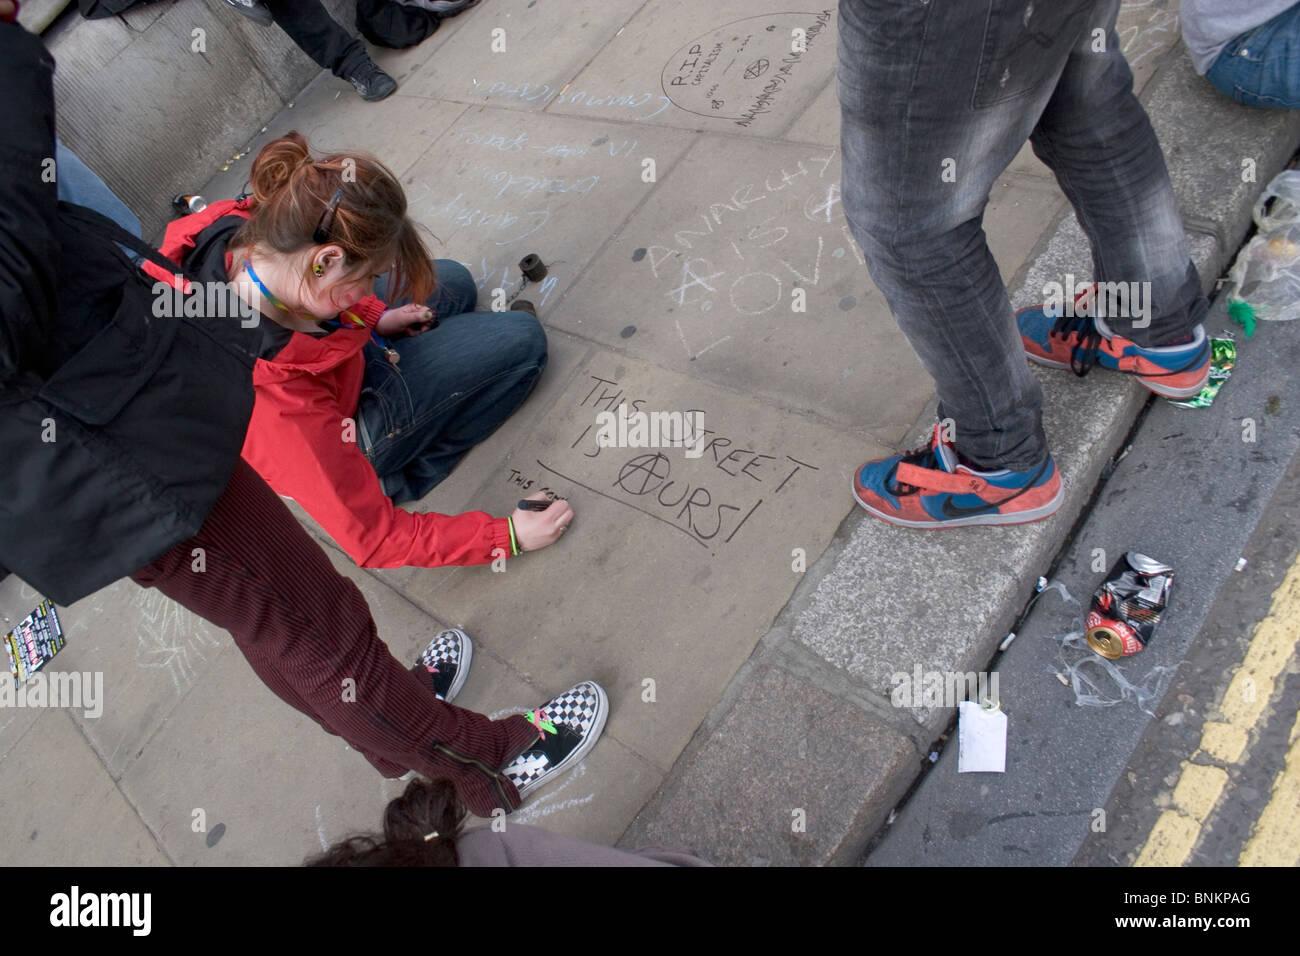 """Mädchen schreiben """"Diese Straße unsere auf dem Bürgersteig vor der Bank of England bei G20-Protest, Stockbild"""